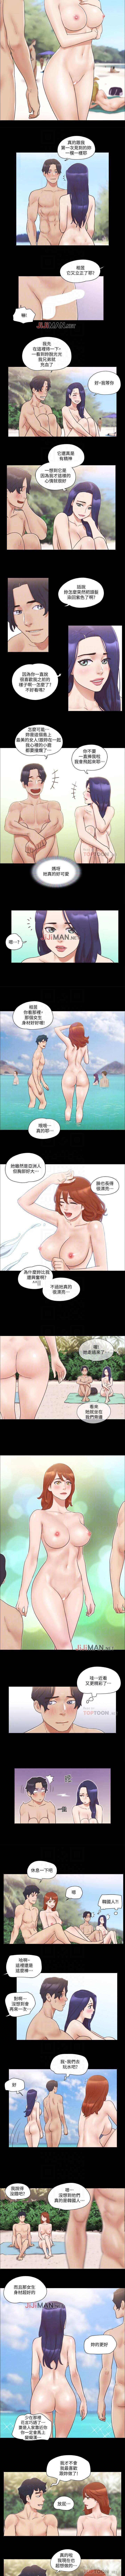 【周五连载】协议换爱(作者:遠德) 第1~62话 201